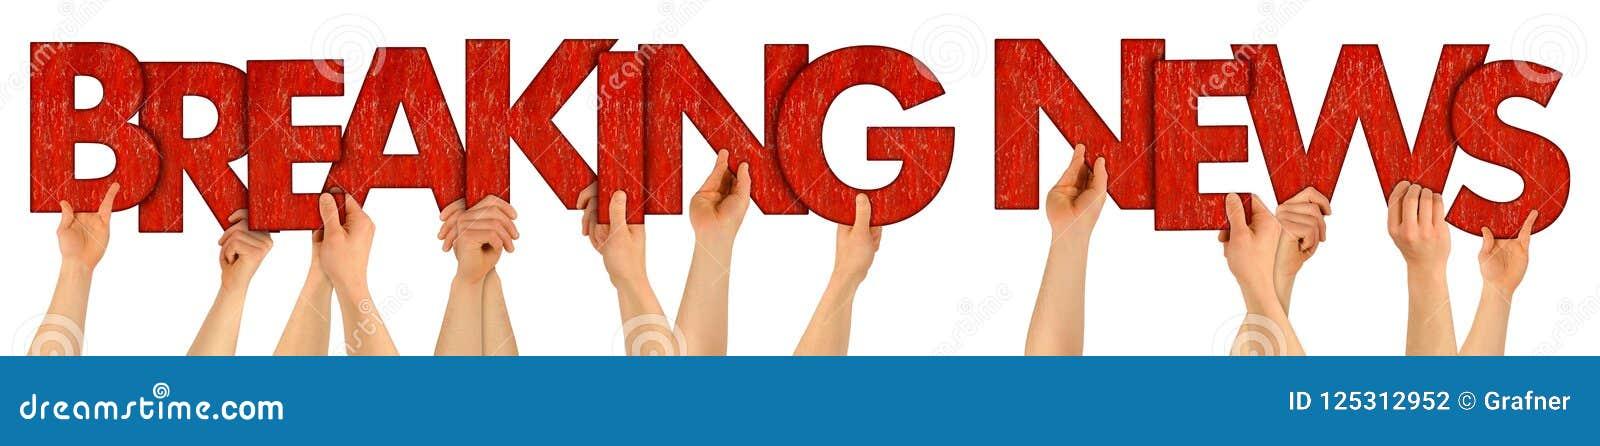 Personnes de DERNIÈRES NOUVELLES retardant les lettres en bois rouges